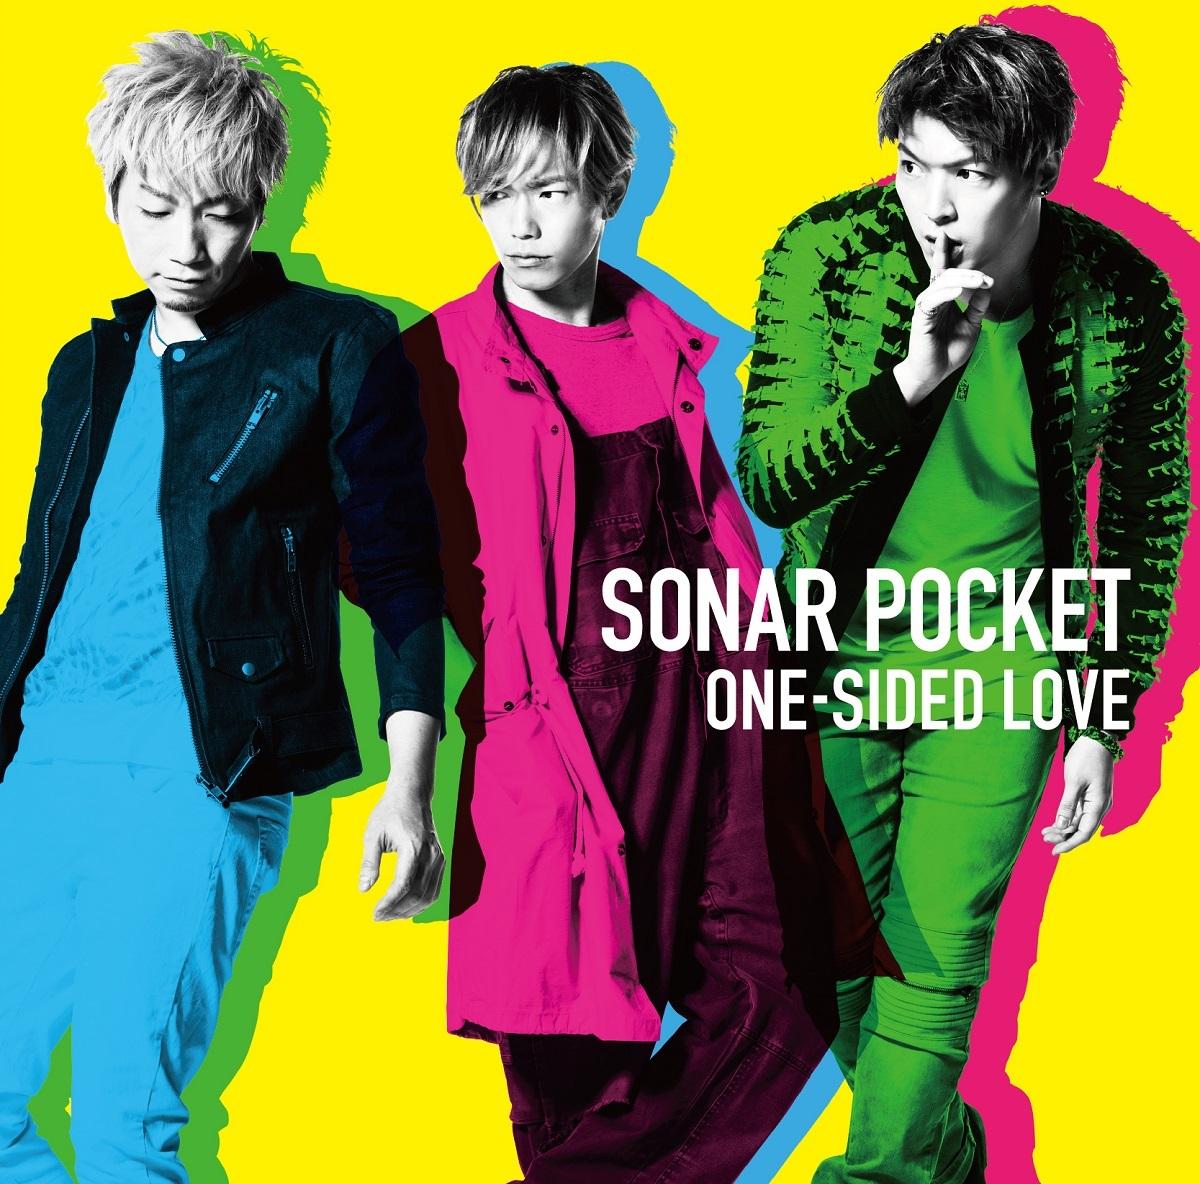 ソナーポケット「ONE-SIDED LOVE」通常盤B